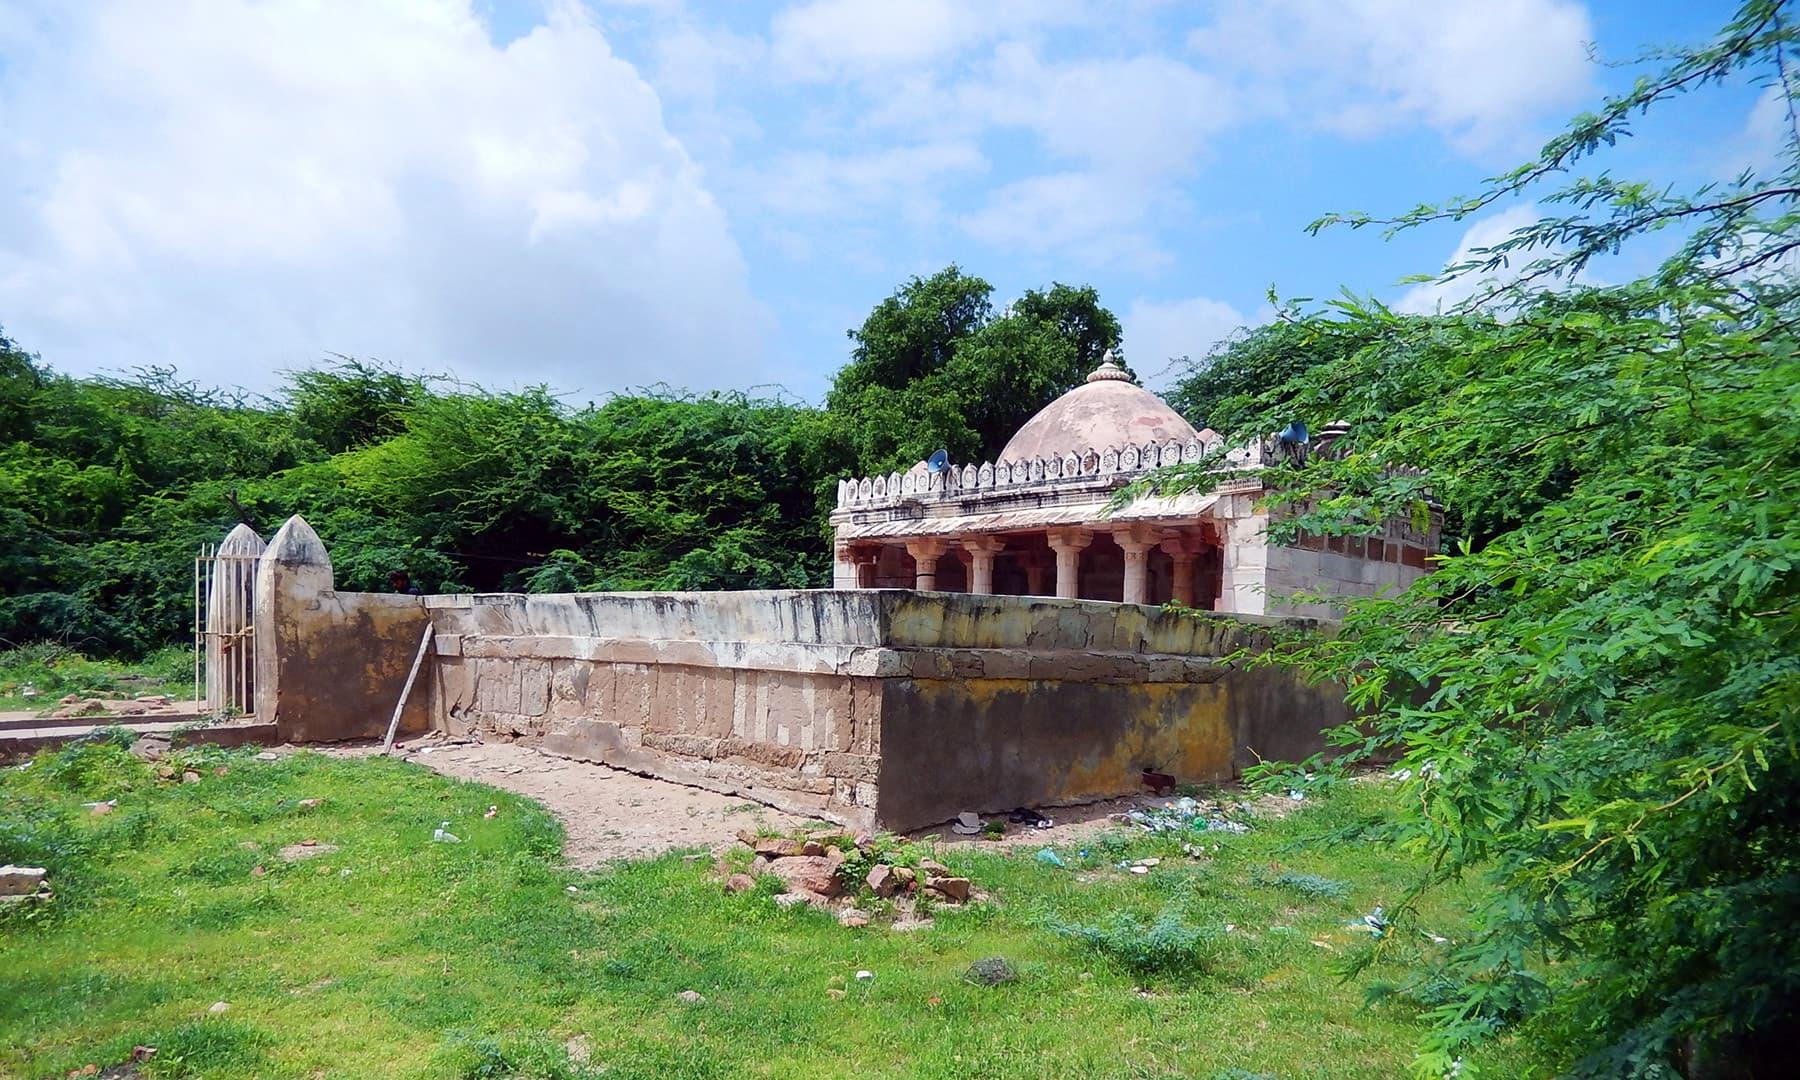 مسجد محمد شاہ بیگڑہ، بھوڈیسر.